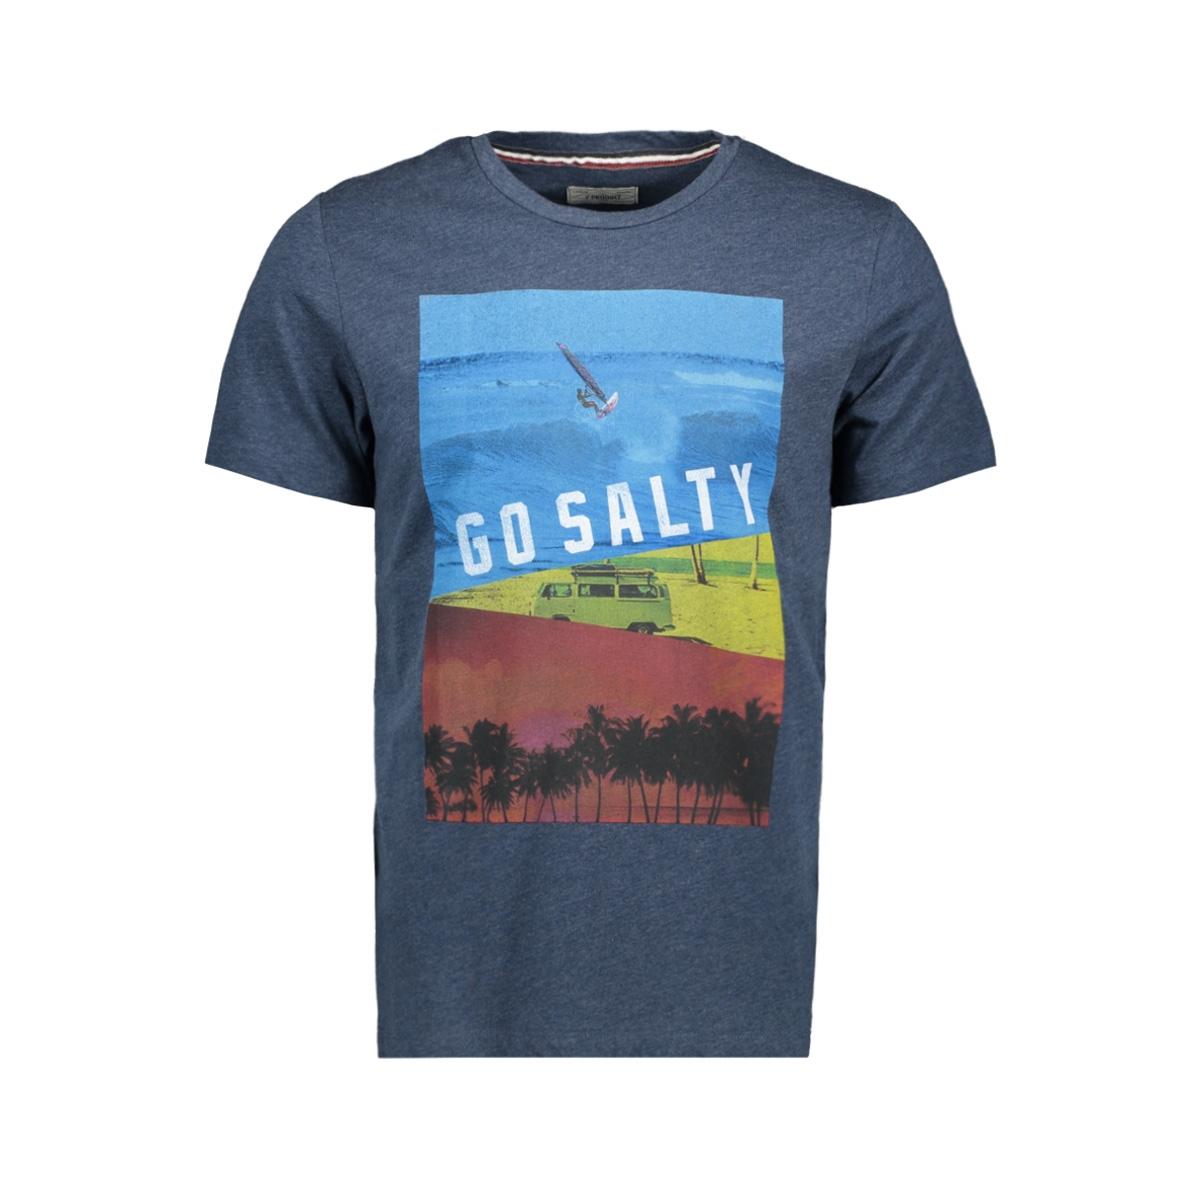 pktgms poetry tee ss 12153816 produkt t-shirt dark demin/melange